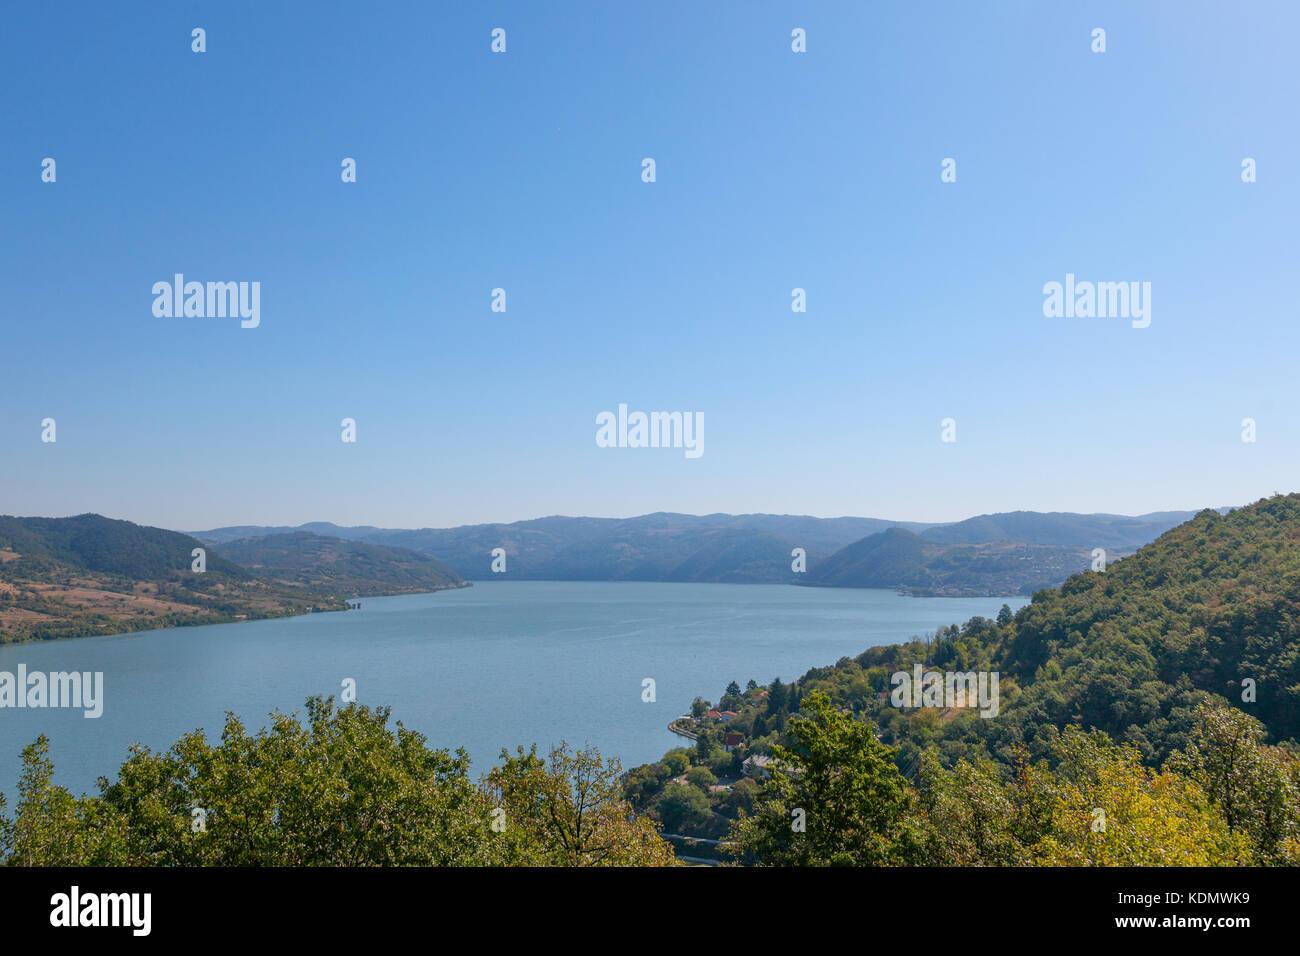 Donji Imágenes De Stock   Donji Fotos De Stock - Alamy a5bfd928f9c25